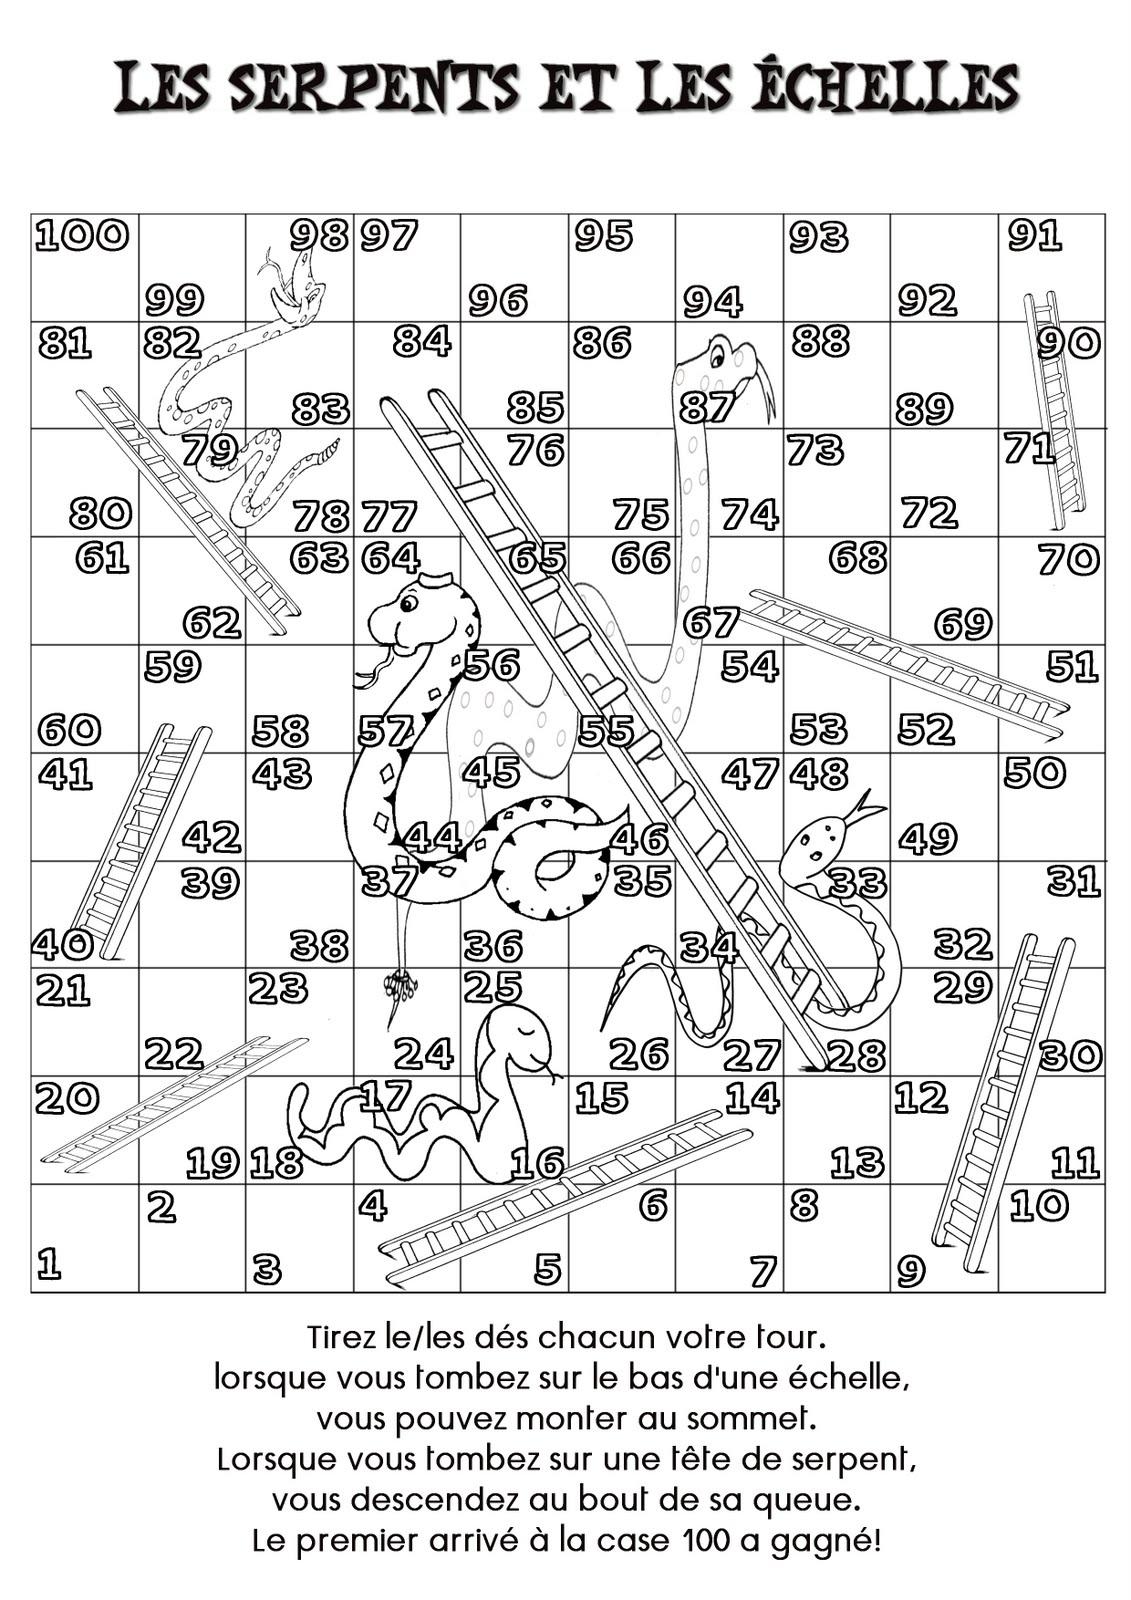 La Maternelle De Laurène: Les Serpents Et Les Échelles à Jeux De Maternelle À Imprimer